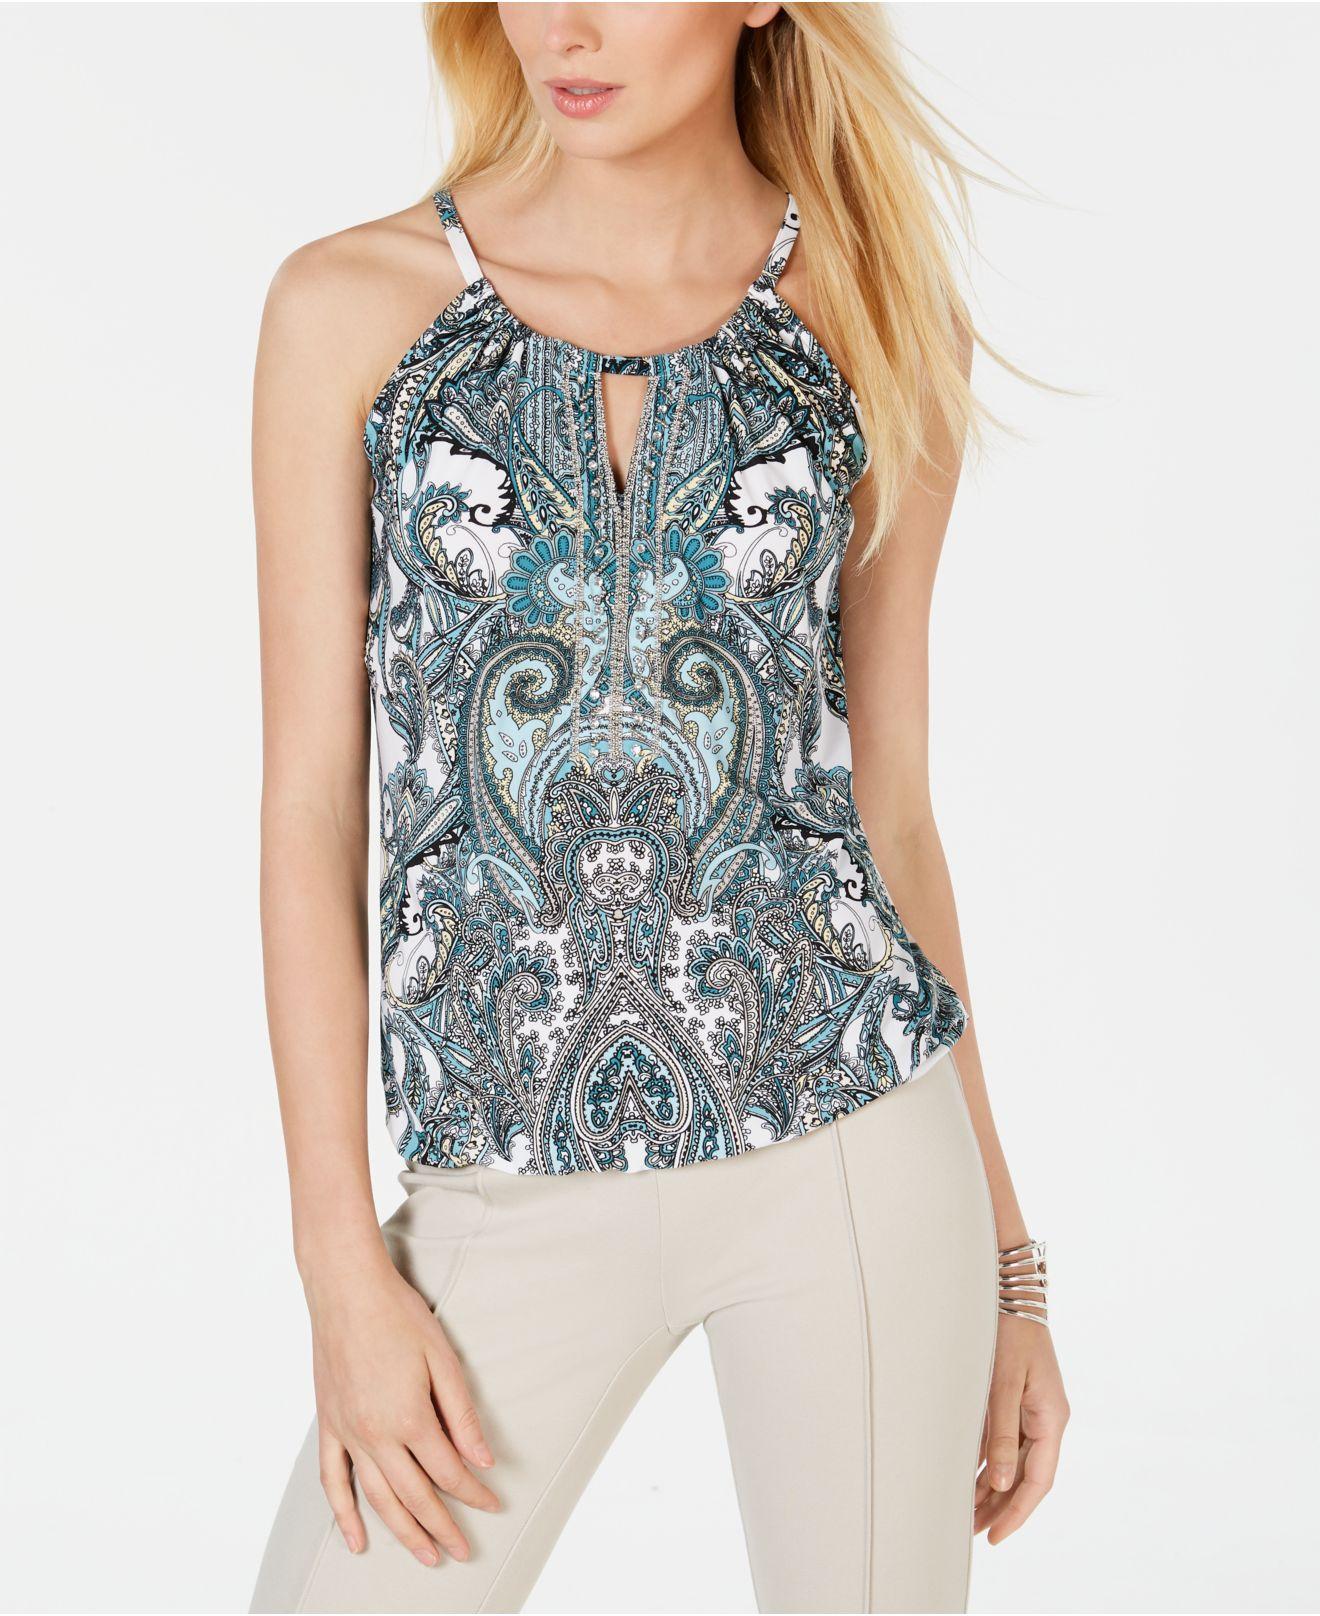 99cfc7f310c36 INC International Concepts. Women s Blue I.n.c. Embellished Halter Top ...